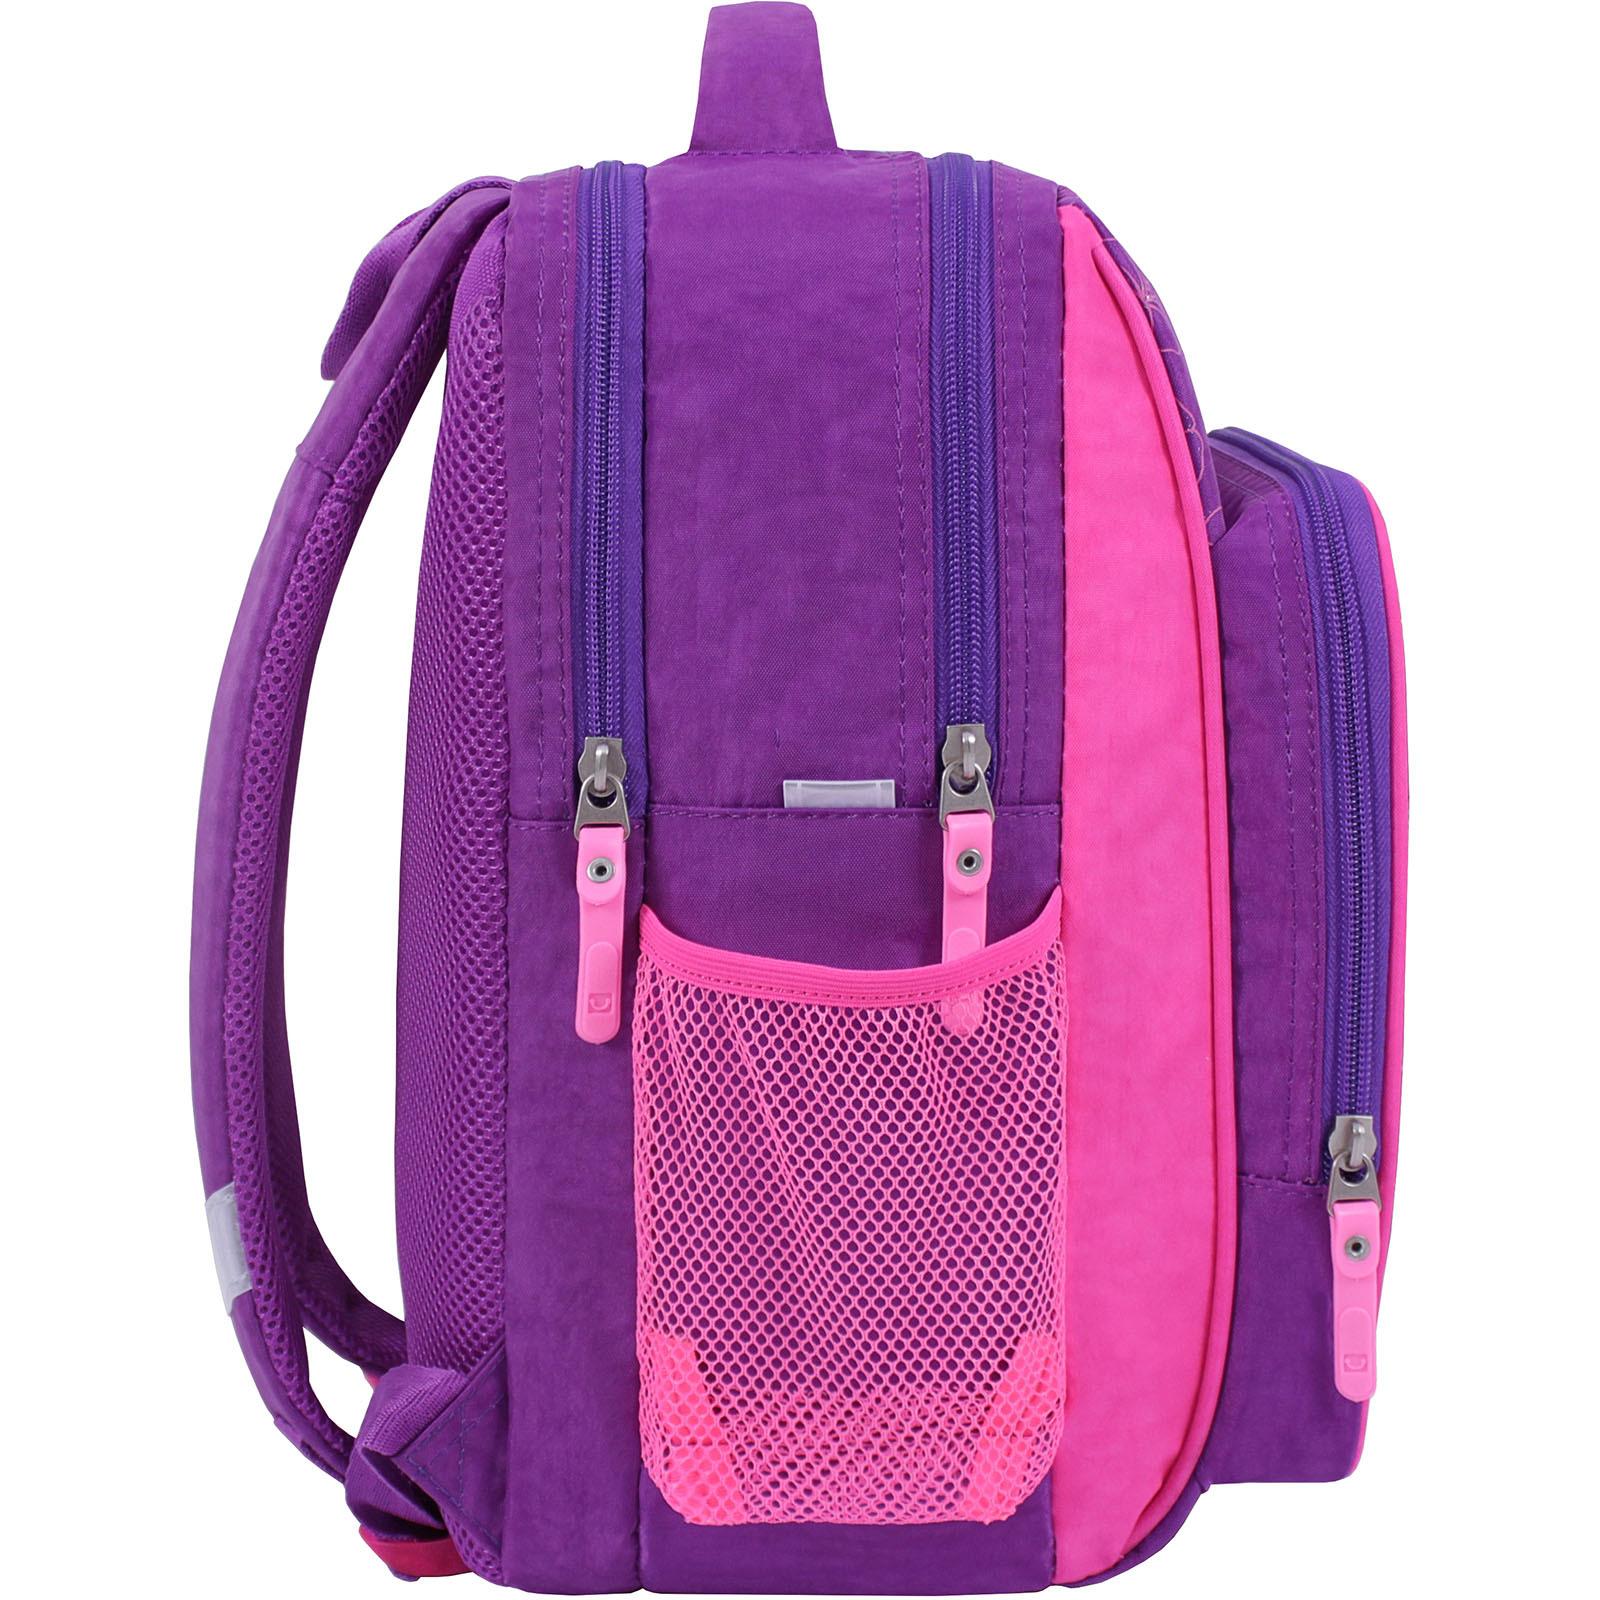 Рюкзак школьный Bagland Школьник 8 л. фиолетовый 596 (0012870) фото 2